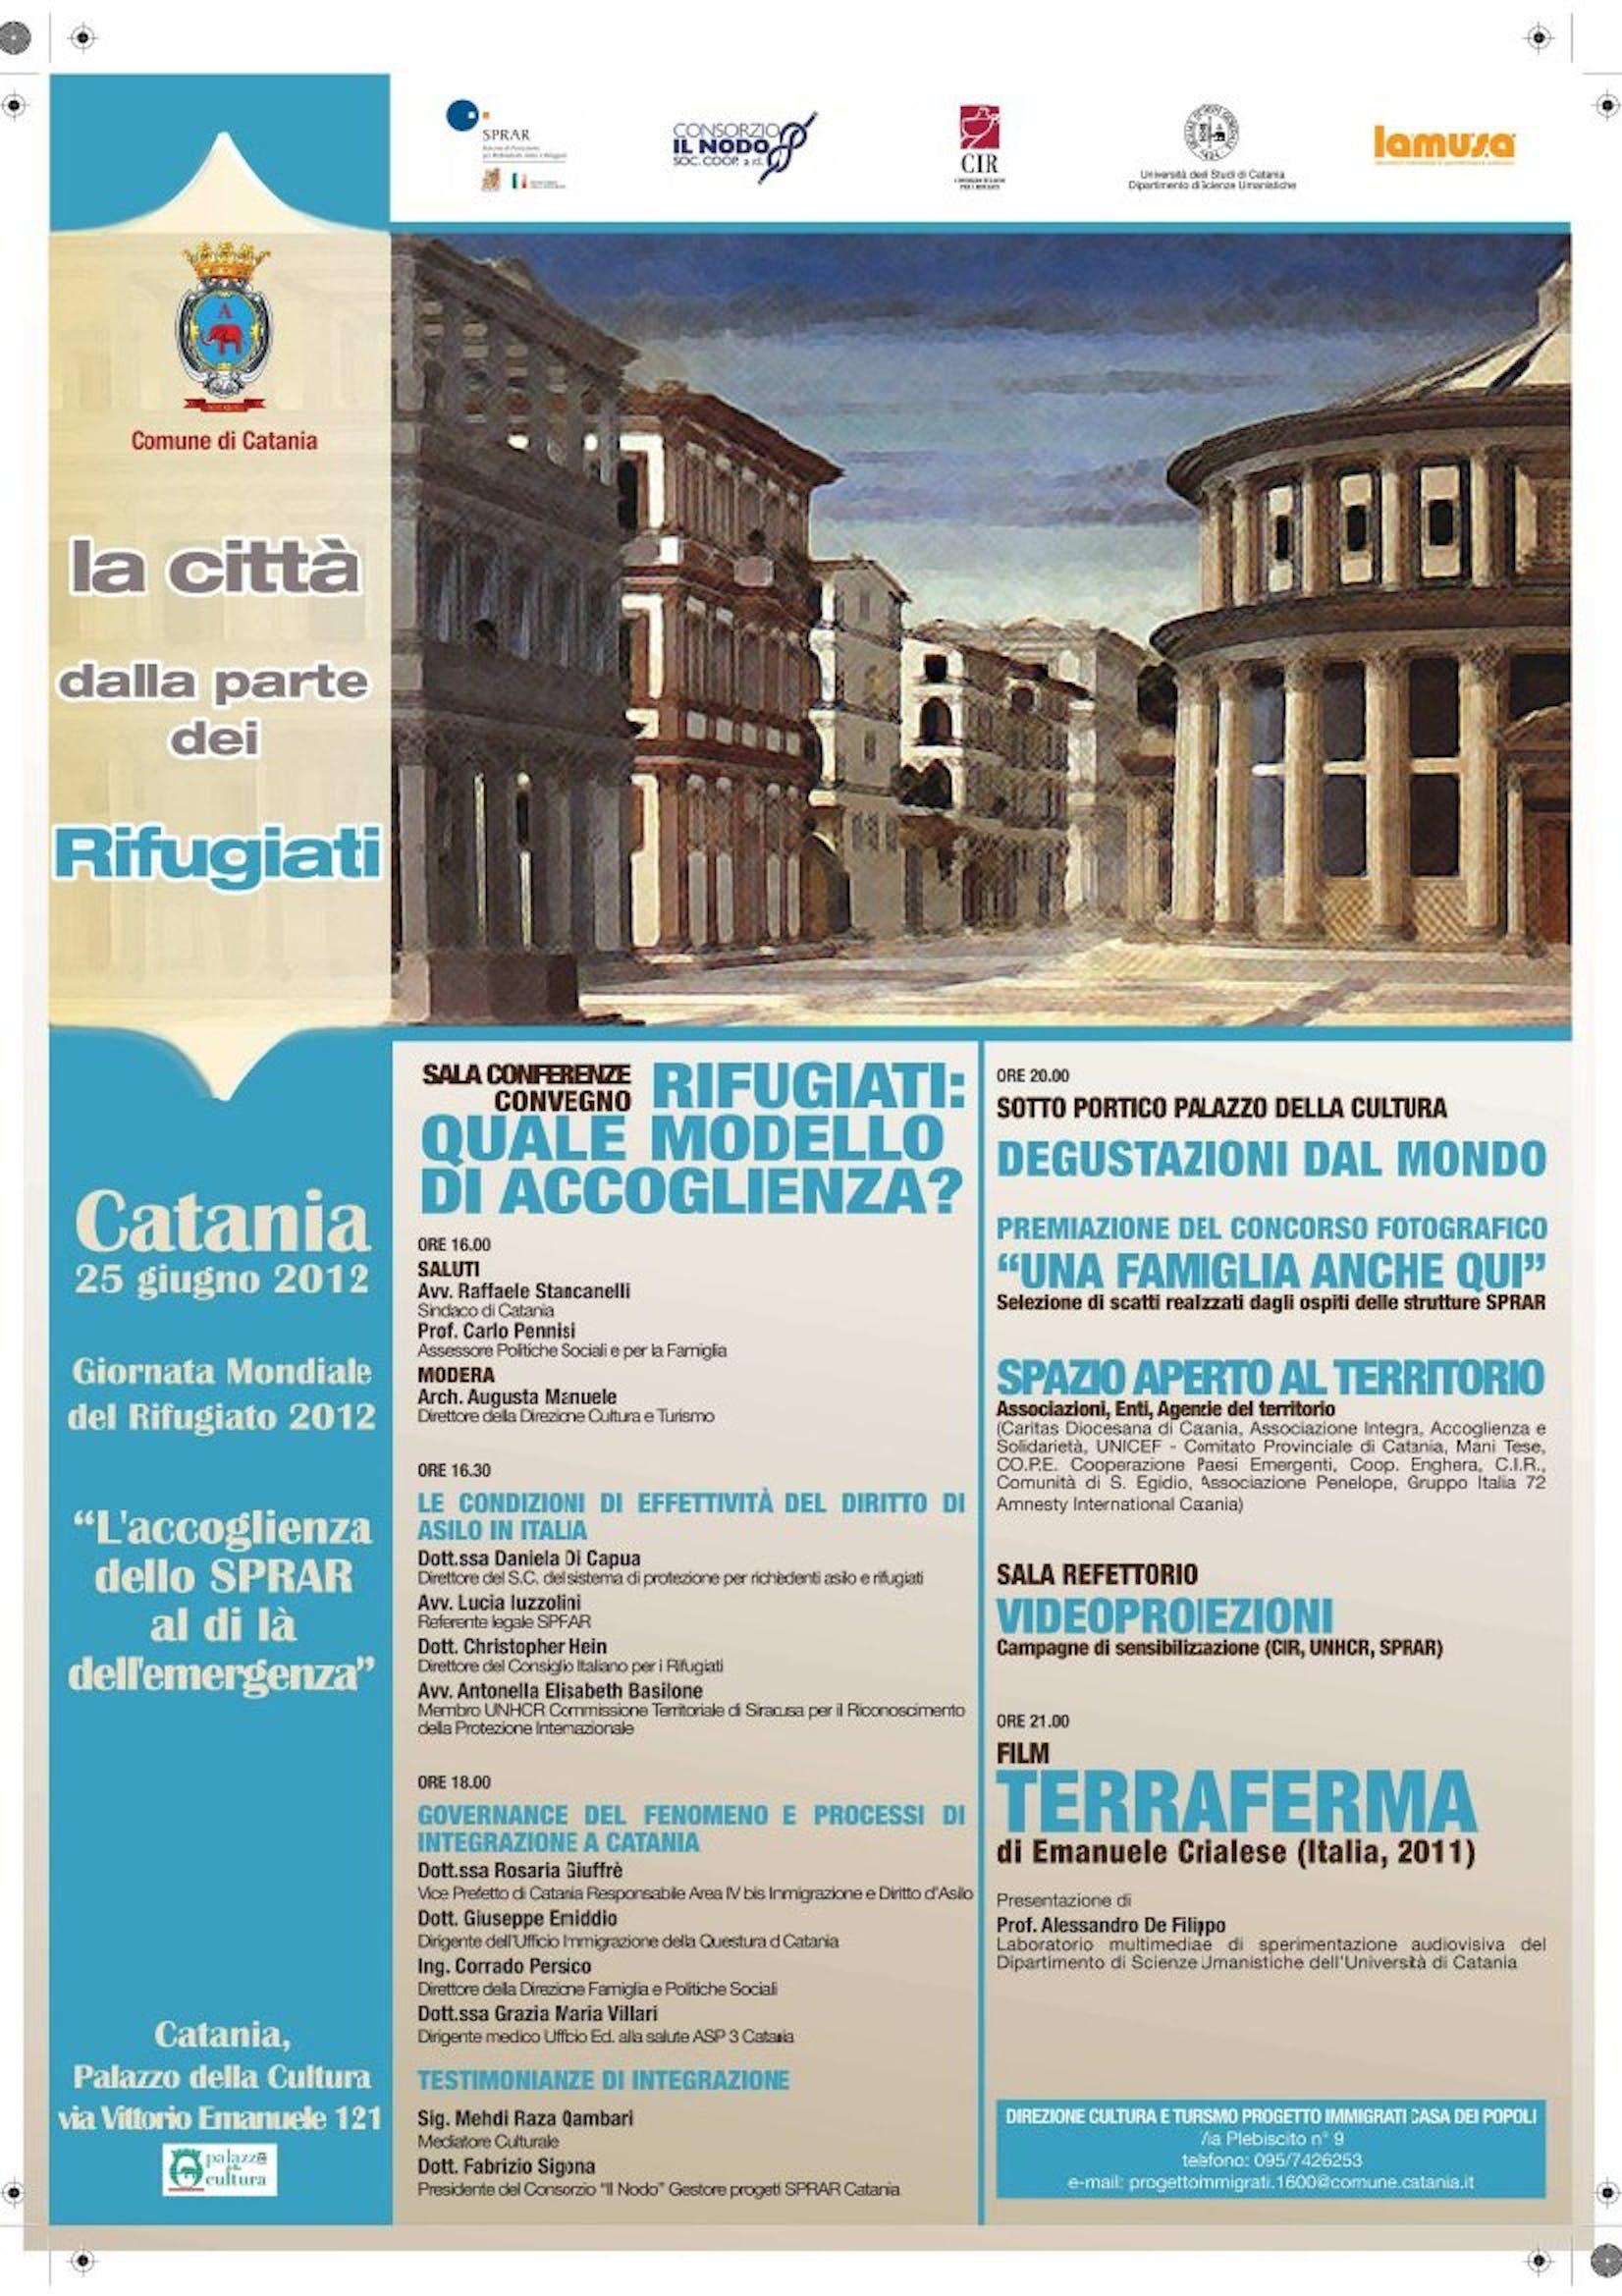 Catania celebra la Giornata Mondiale del Rifugiato